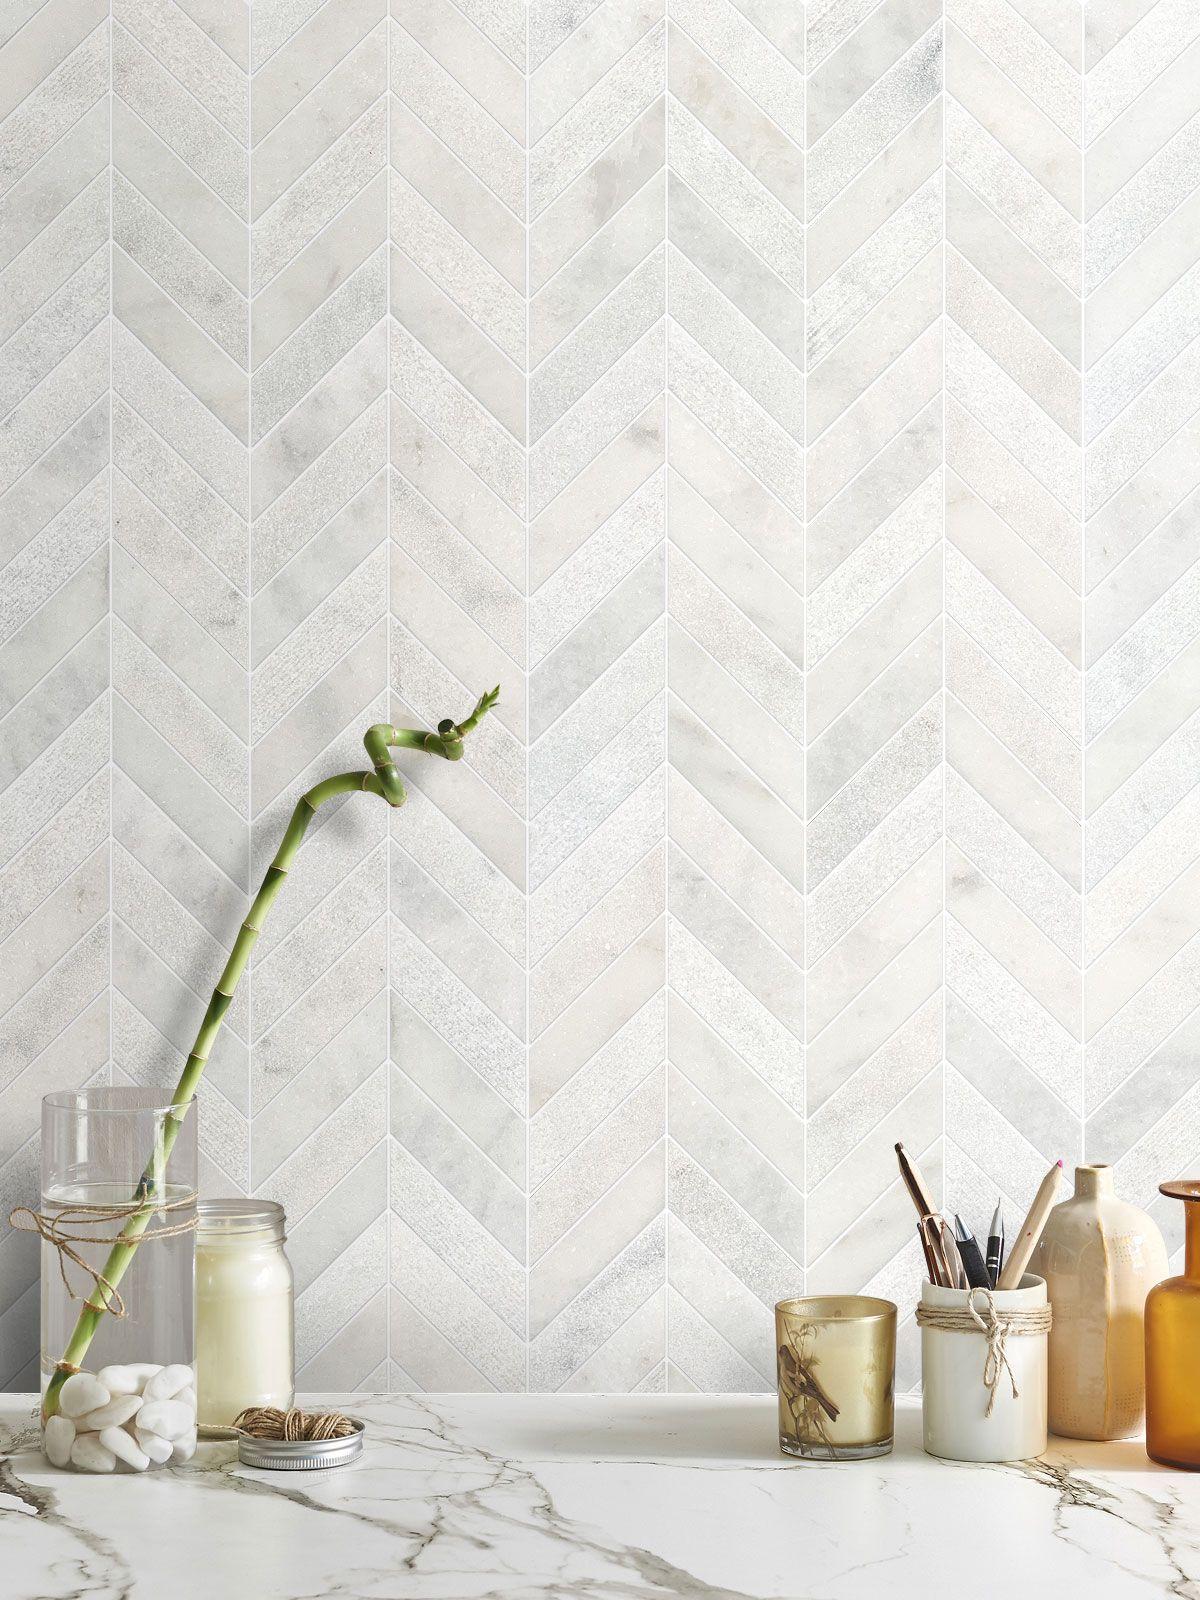 White Modern Limestone Chevron Backsplash Tile Backsplash Com Kitchenbacksplash White Modern Marble Chevro Ruckwand Verkleiden Esszimmerdesign Fliesen Kuche